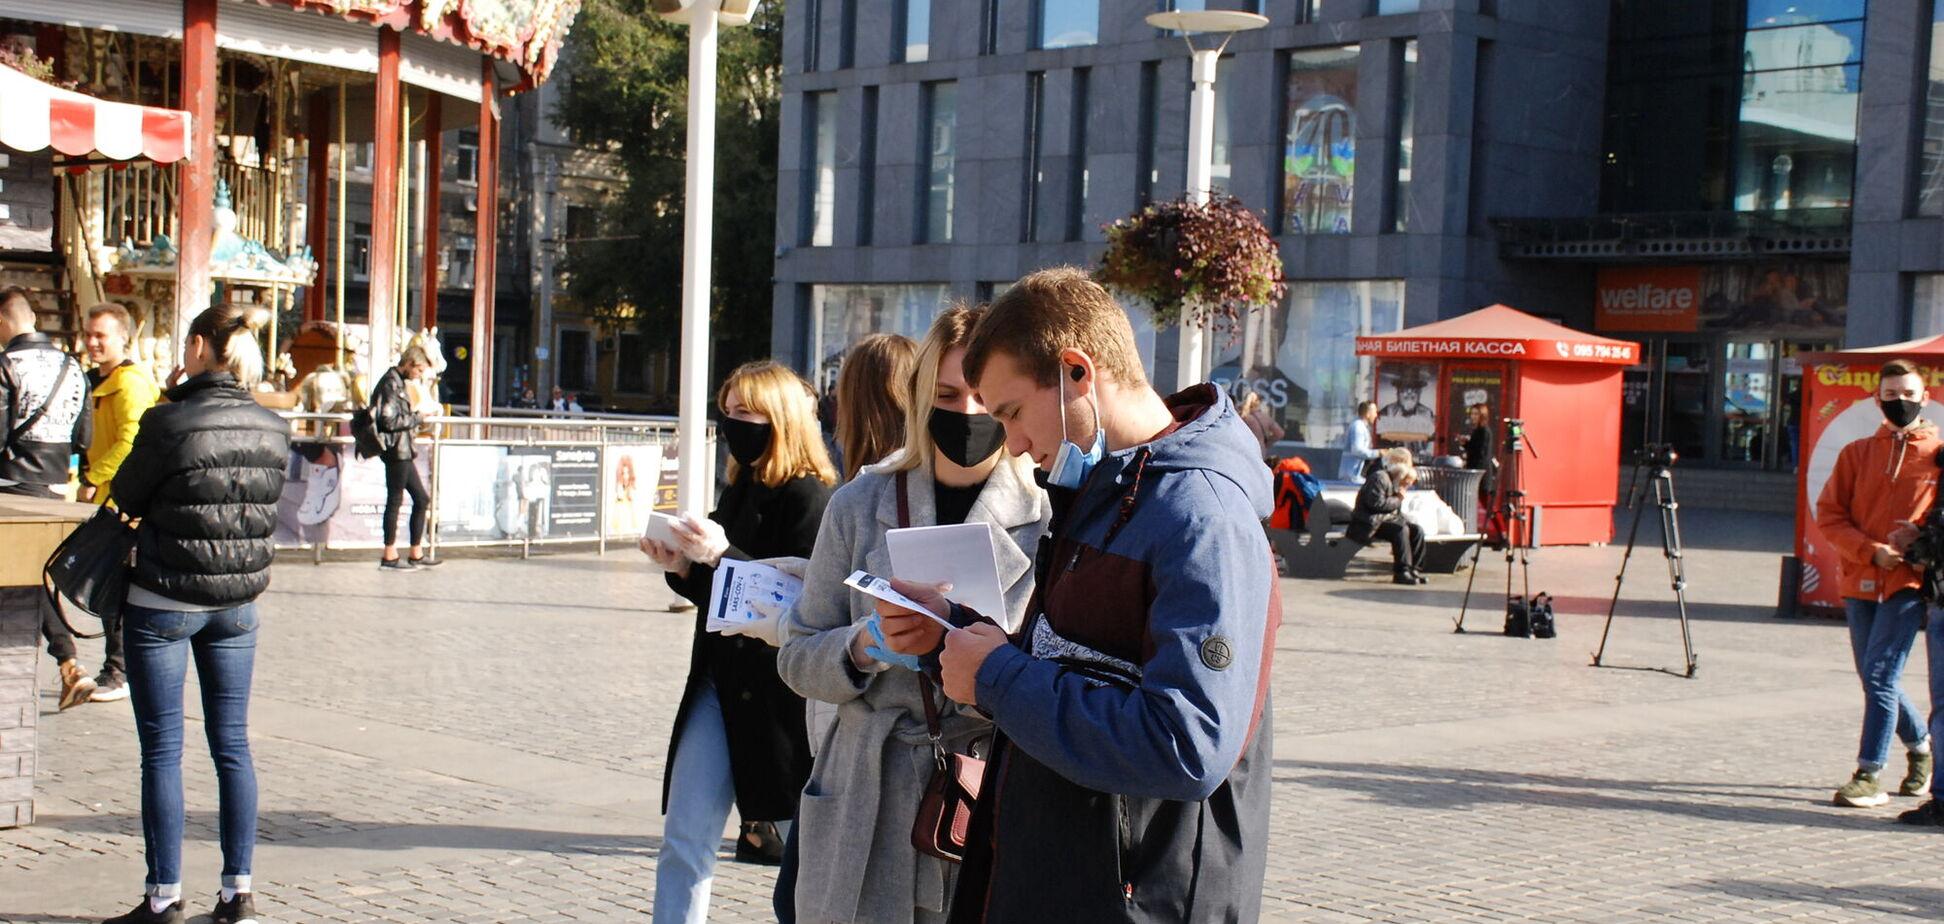 Представники Молодіжної ради Дніпра розповіли жителям про інфекційну безпеку під час голосування